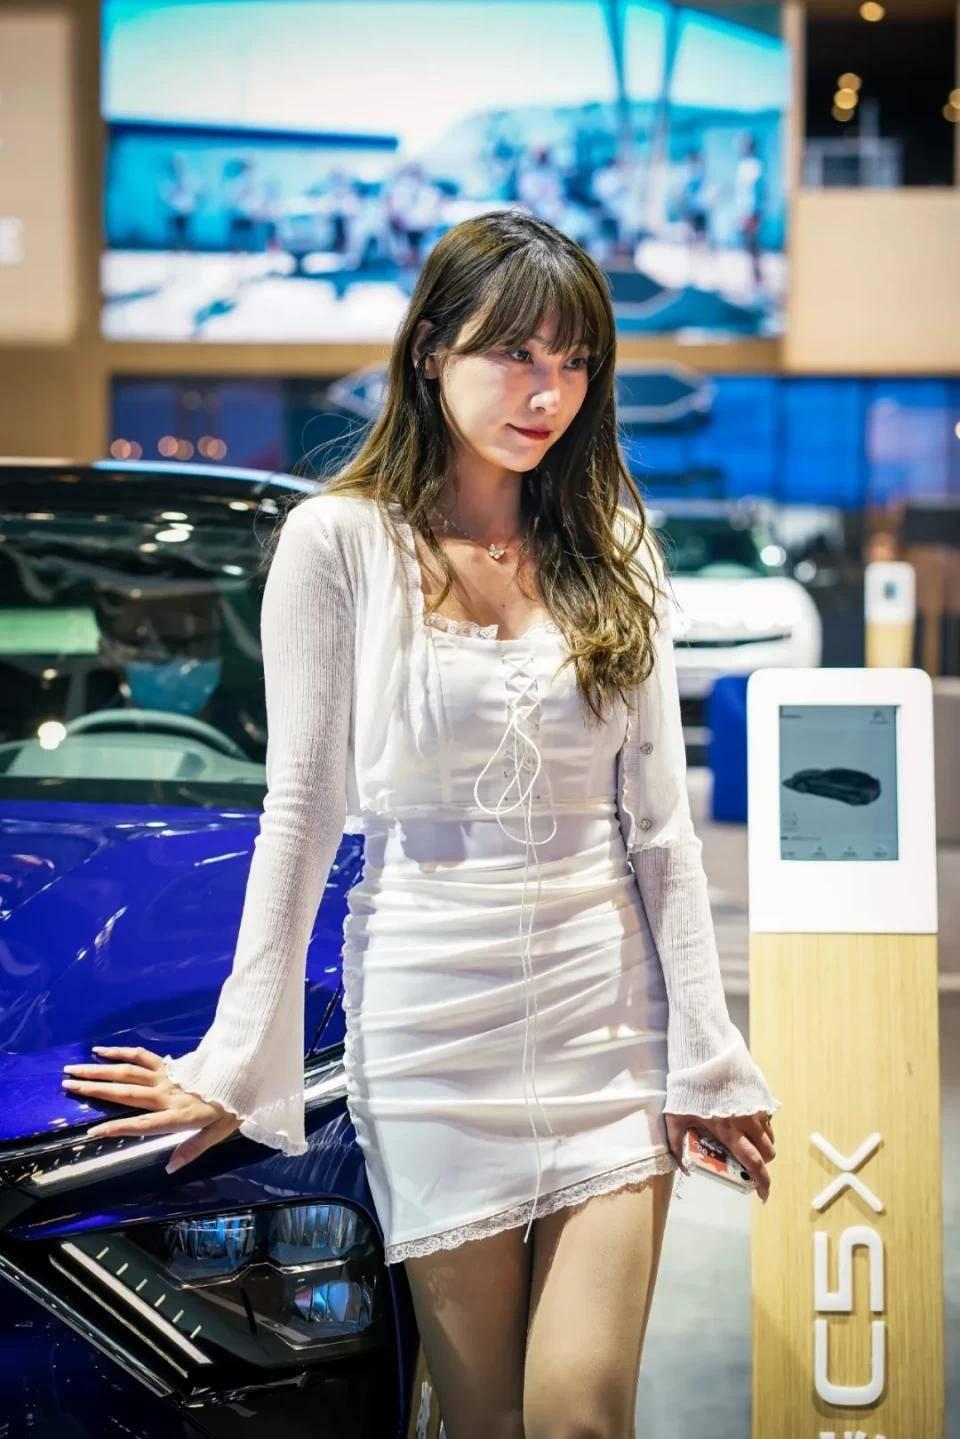 图赏:上海车展上的车模小姐姐们(图11)